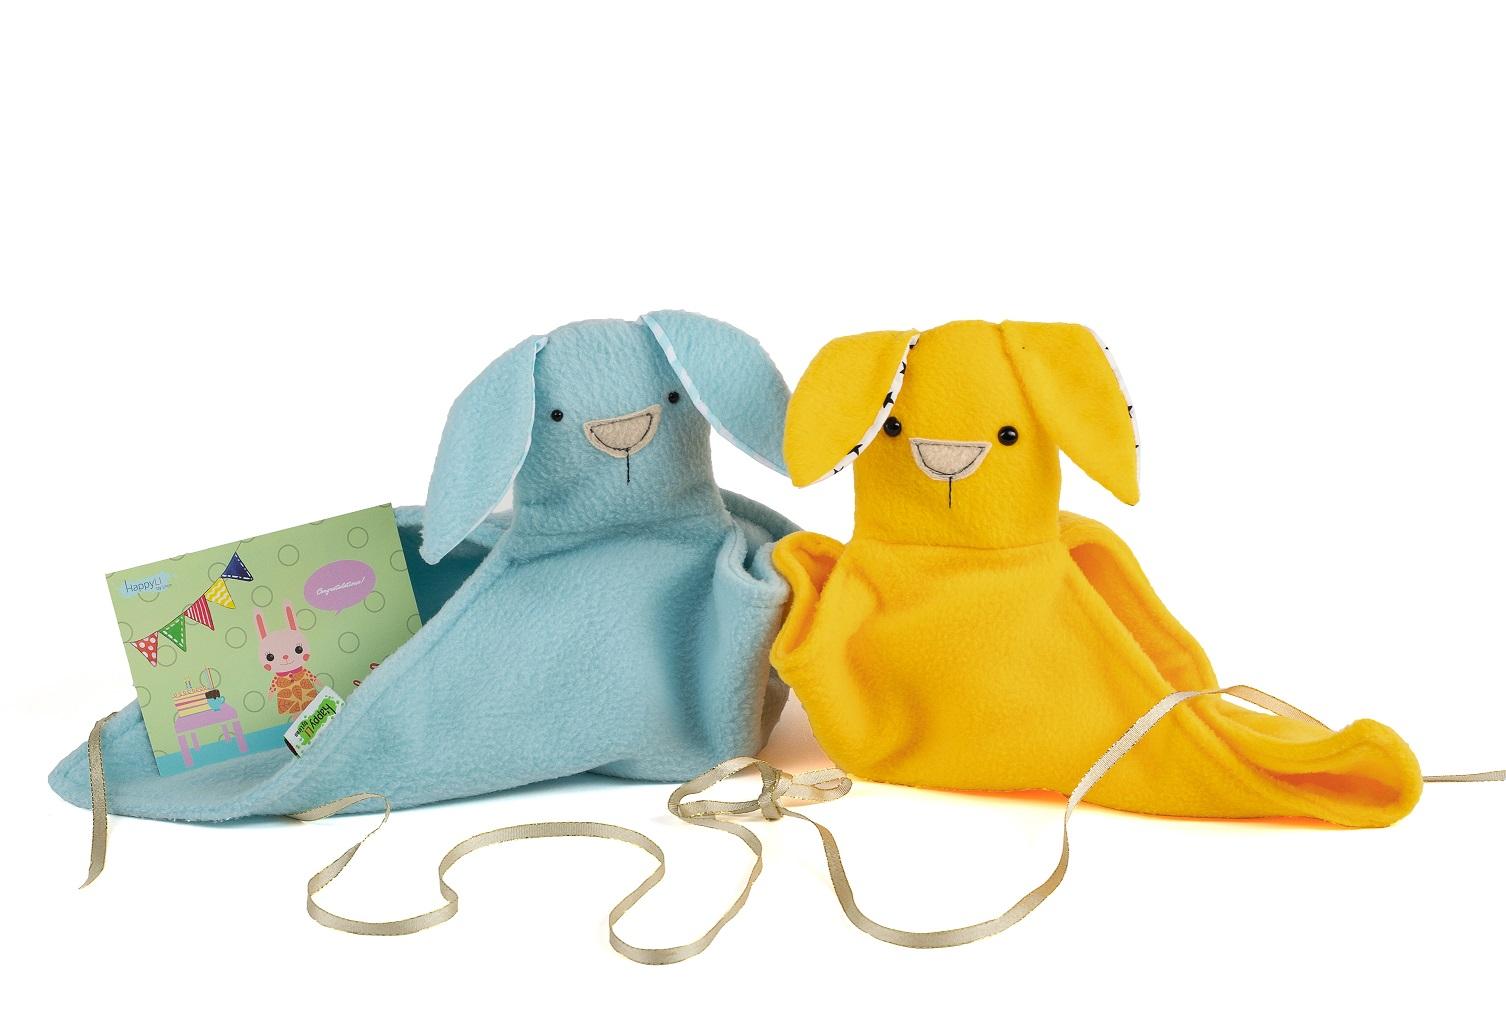 מתנה הלידה המושלמת: שני שמיכי (צבעים ובדים לבחירתך)